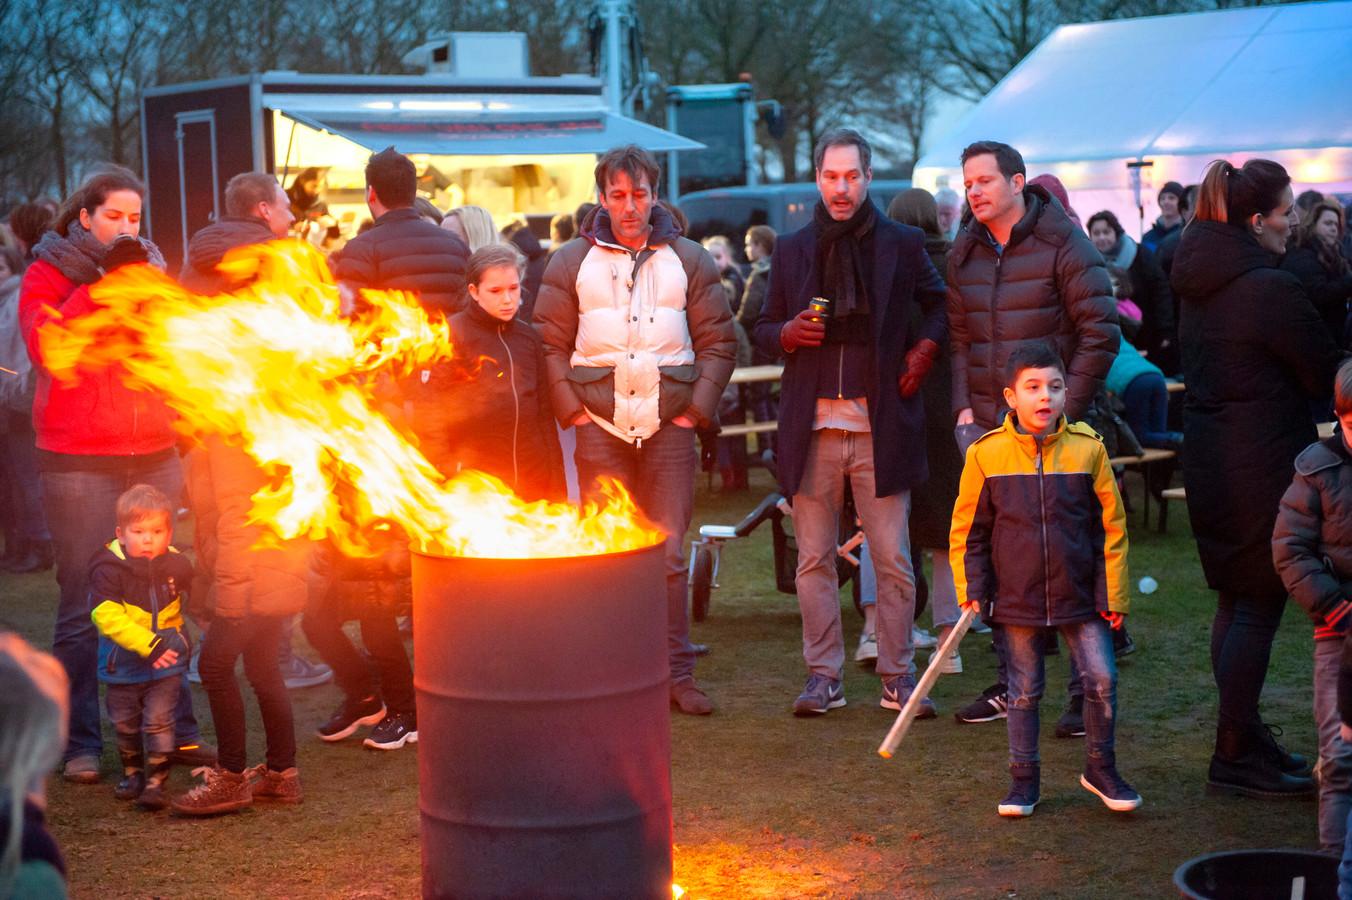 Nieuwkuijk. Bezoekers van het vreugdevuur op De Heuvelen in Nieuwkuijk konden zich lekker opwarmen bij een van de vuurtonnen